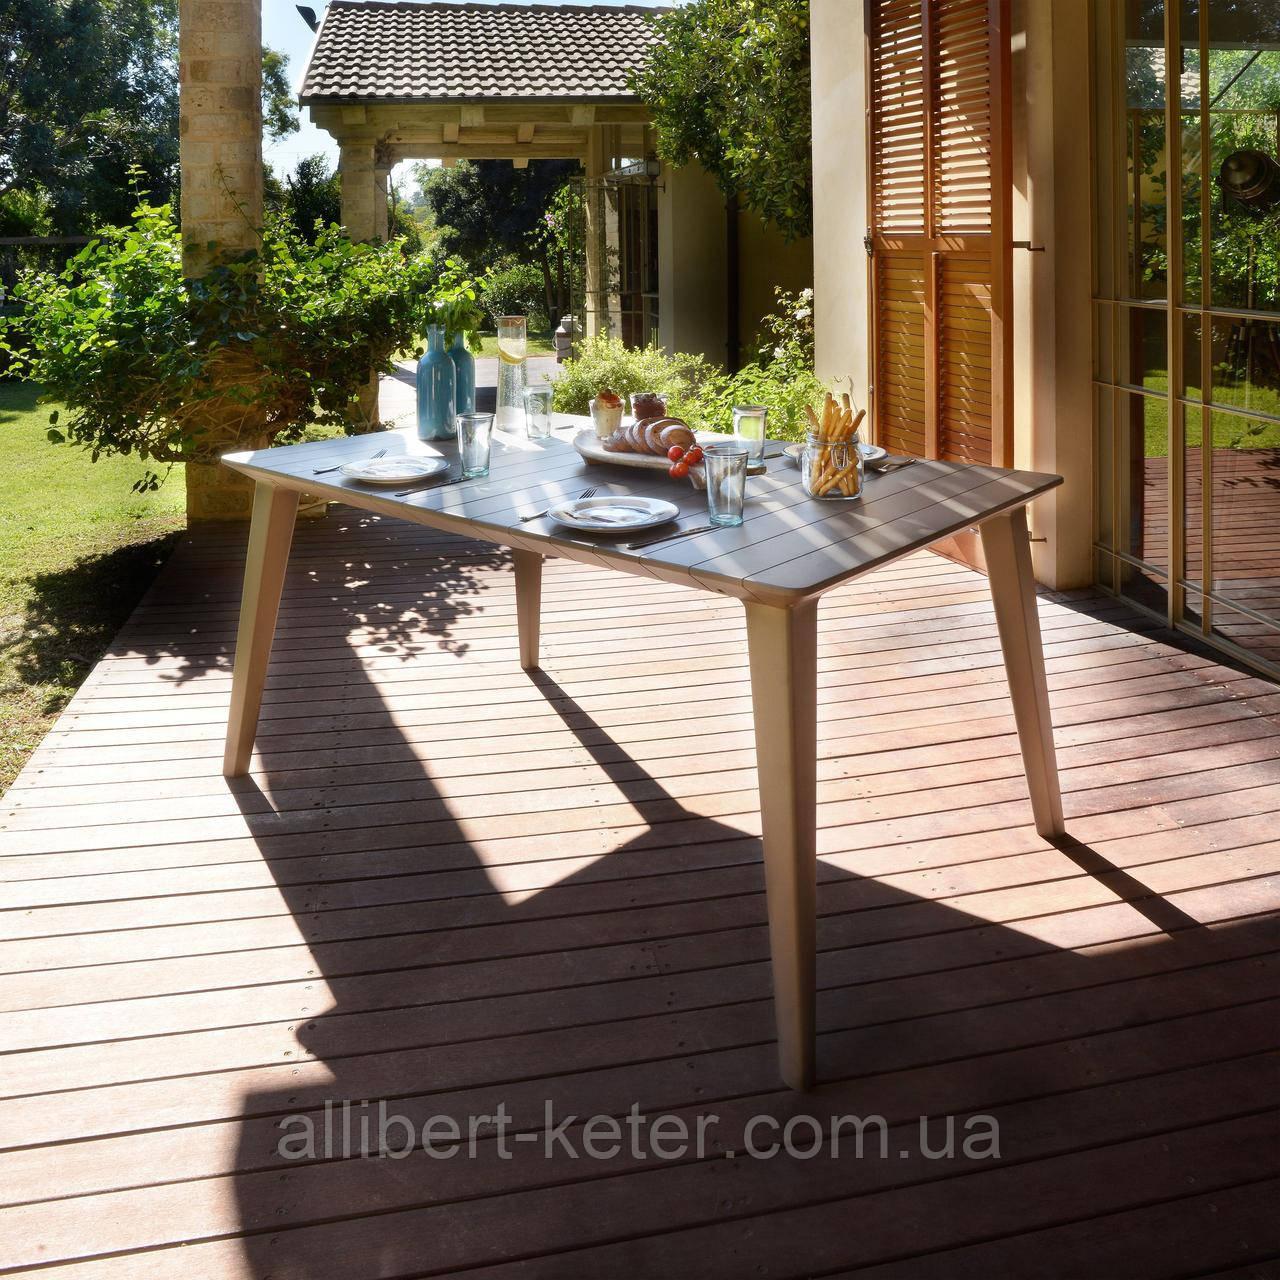 Стол садовый уличный Allibert Lima 160